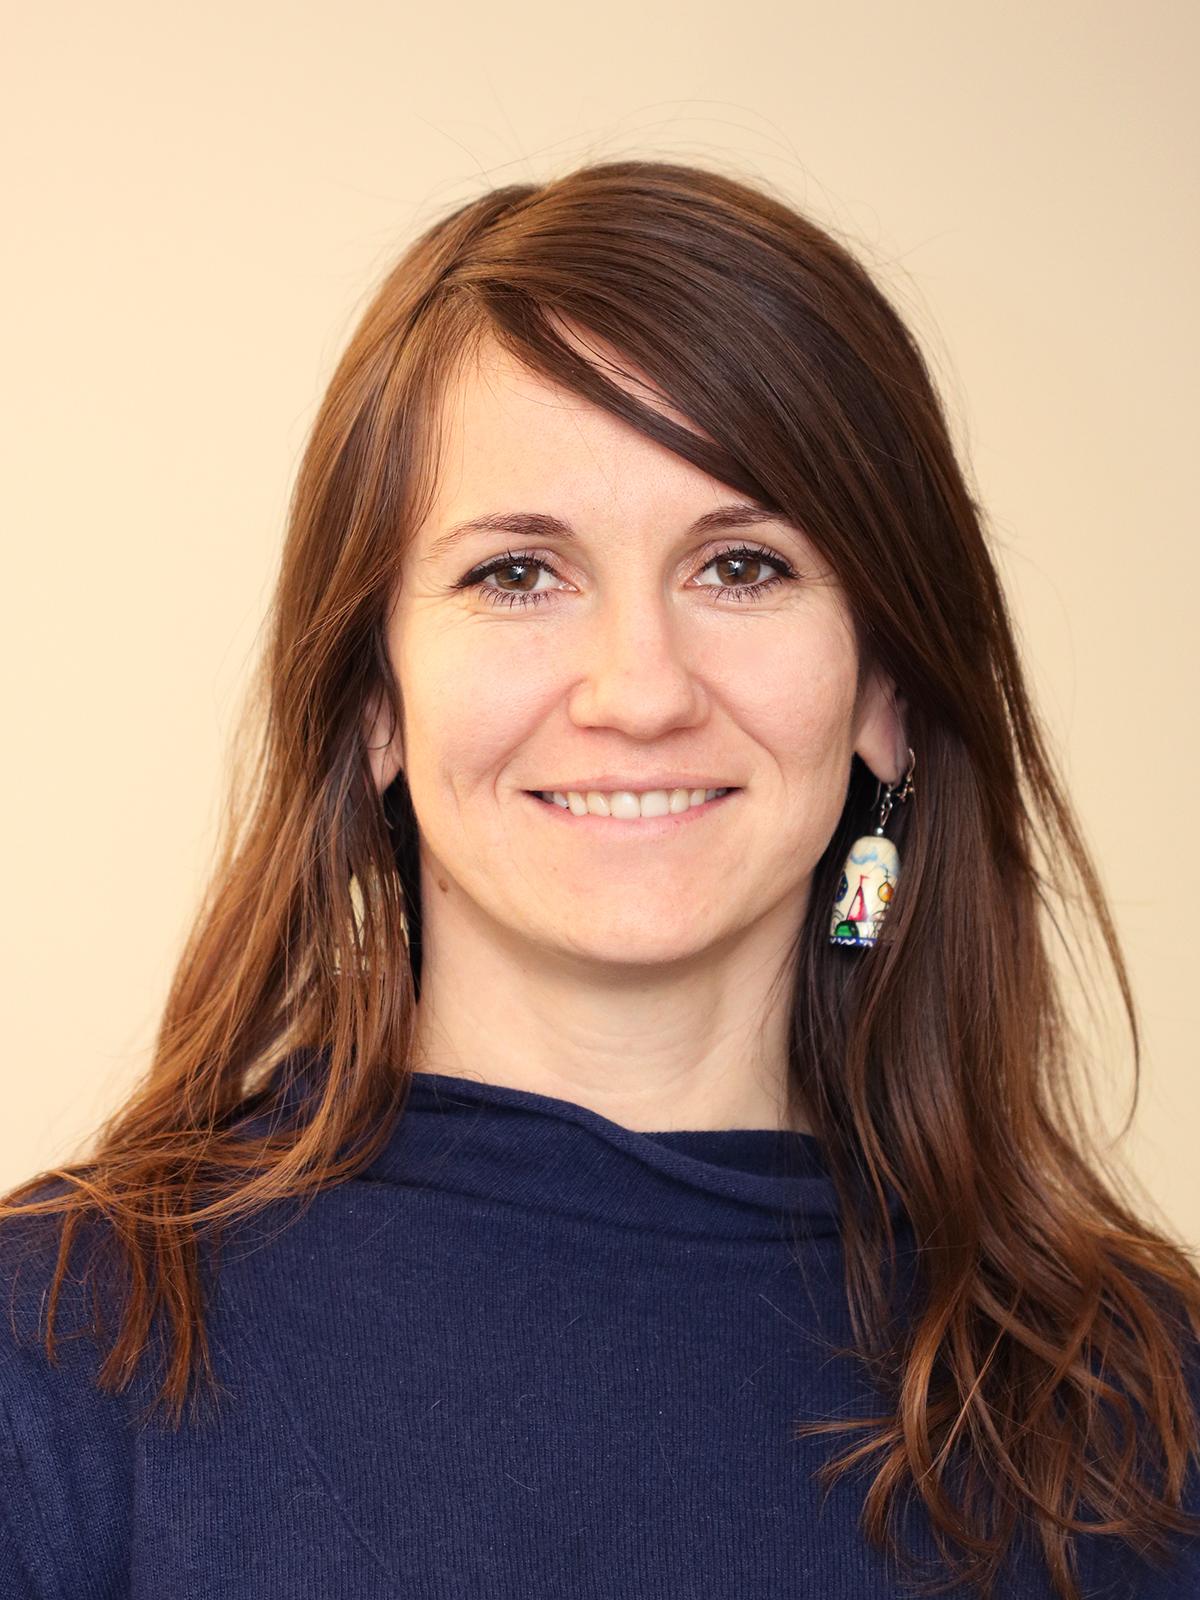 Anastasia Kriachko Roeren